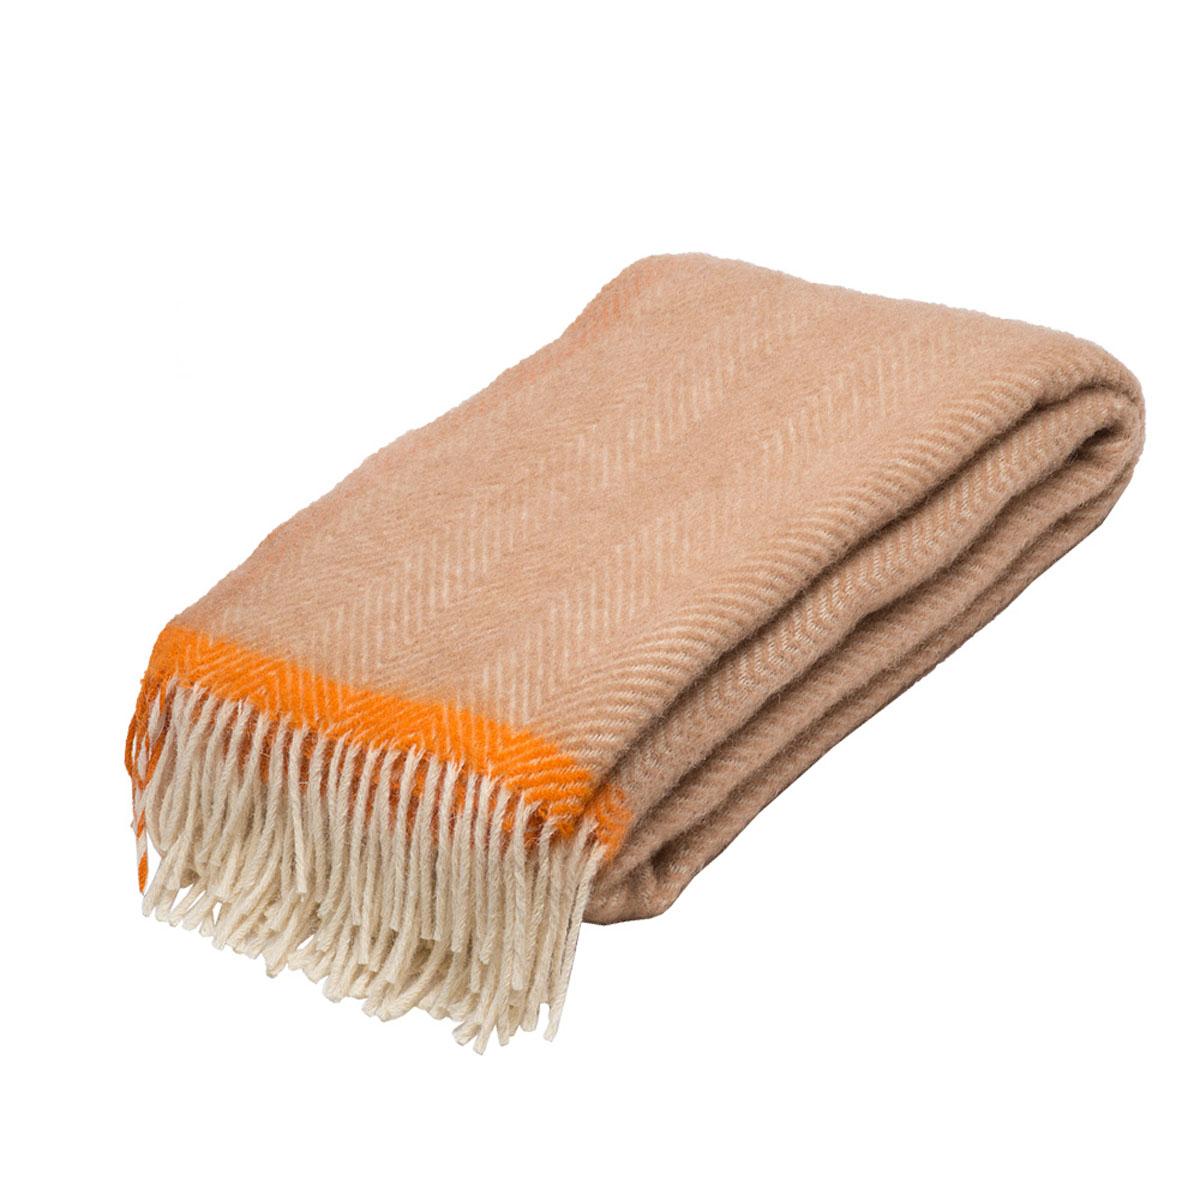 Плед Руно Mone, цвет: песочный, оранжевый, 140 х 200 см. 1-541-140 (03)86133Плед Руно Mone гармонично впишется в интерьер вашего дома и создаст атмосферу уюта и комфорта. Чрезвычайно мягкий и теплый плед с кистями изготовлен из натуральной овечьей шерсти. Высочайшее качество материала гарантирует безопасность не только взрослых, но и самых маленьких членов семьи. Плед - это такой подарок, который будет всегда актуален, особенно для ваших родных и близких, ведь вы дарите им частичку своего тепла!